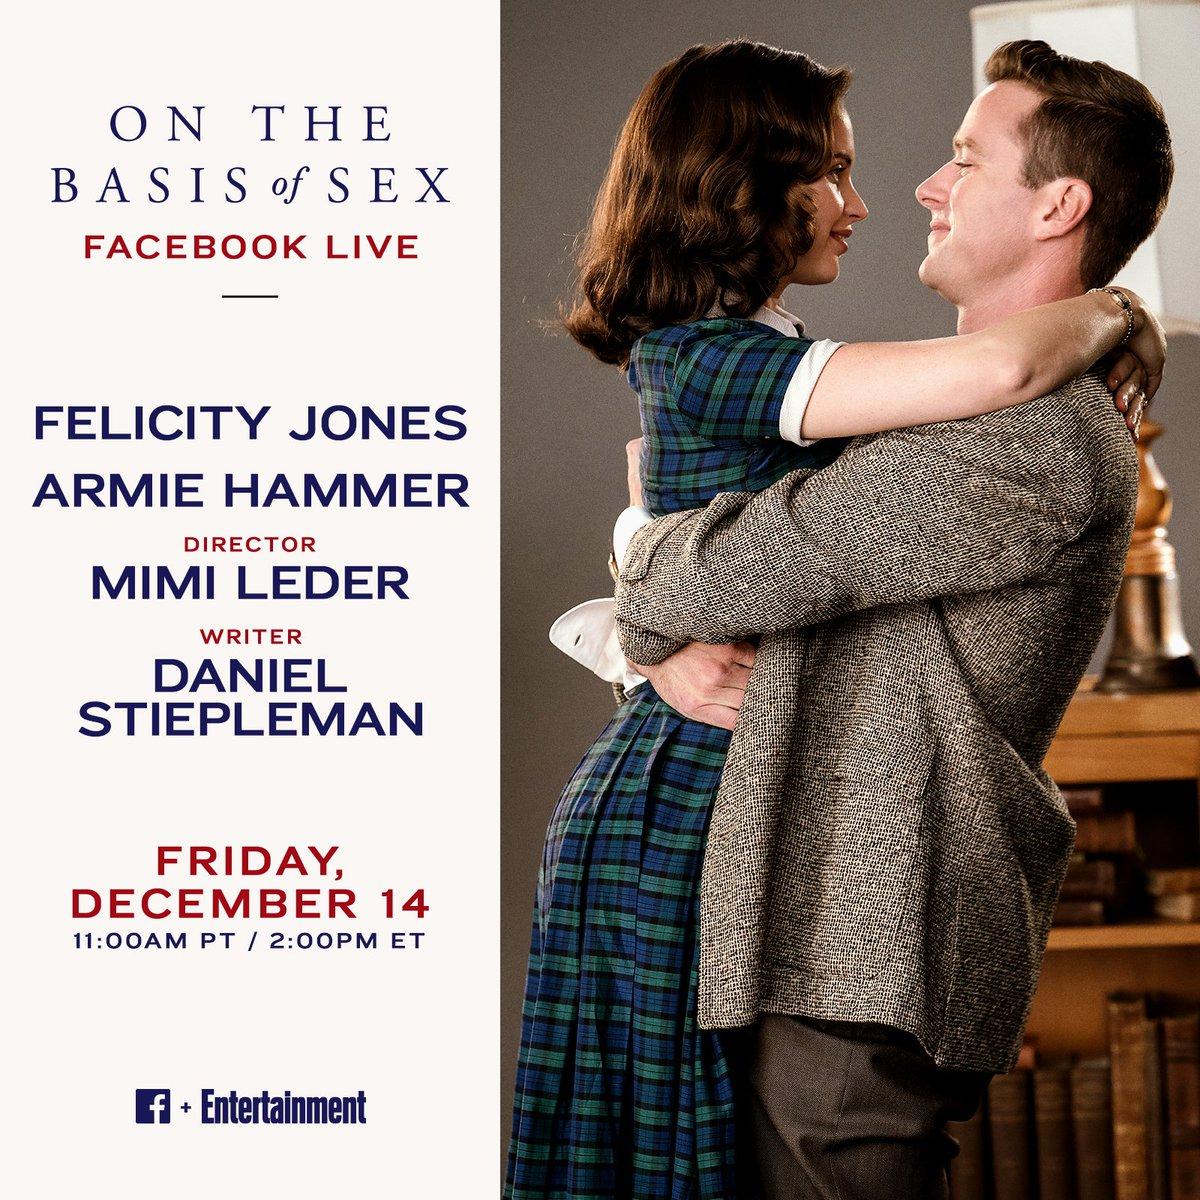 felicity jones facebook